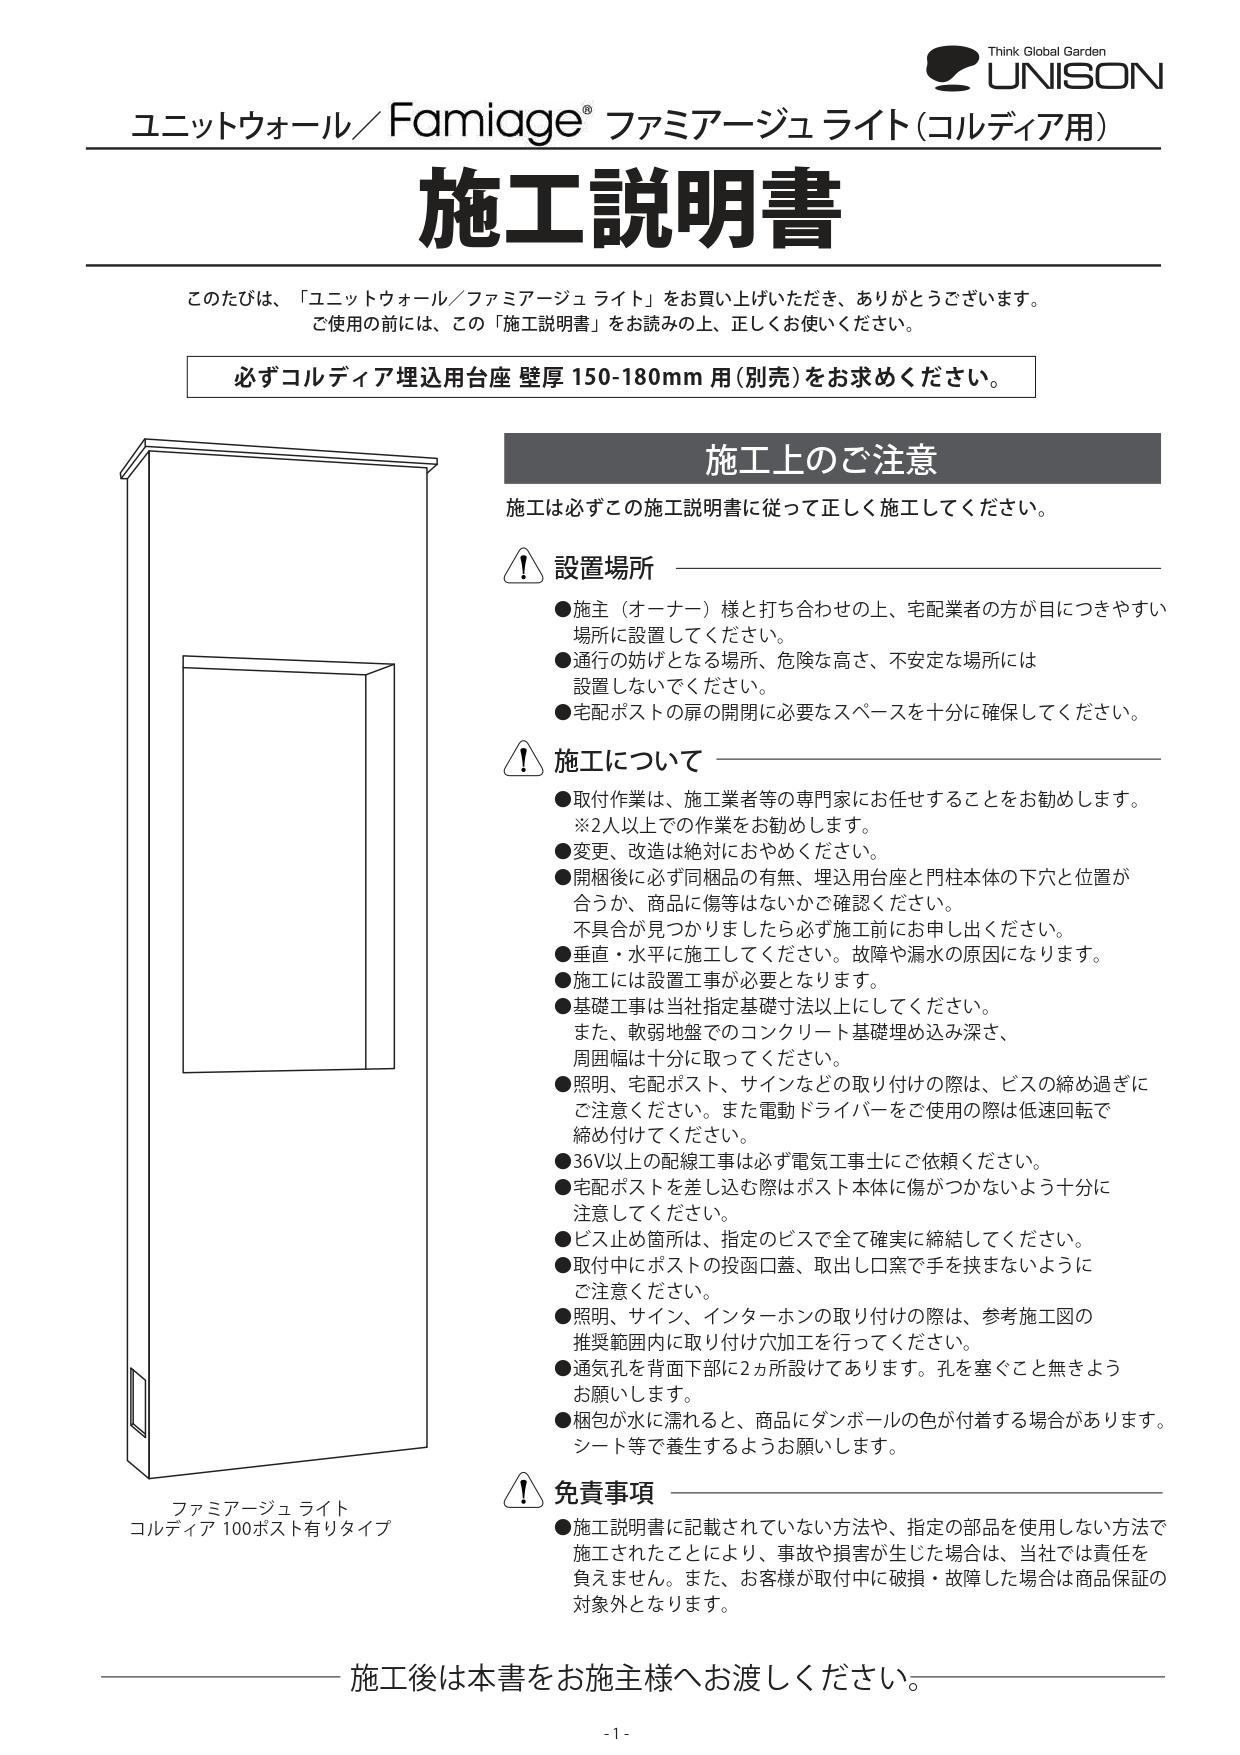 ファミアージュライト_取扱説明書_page-0001